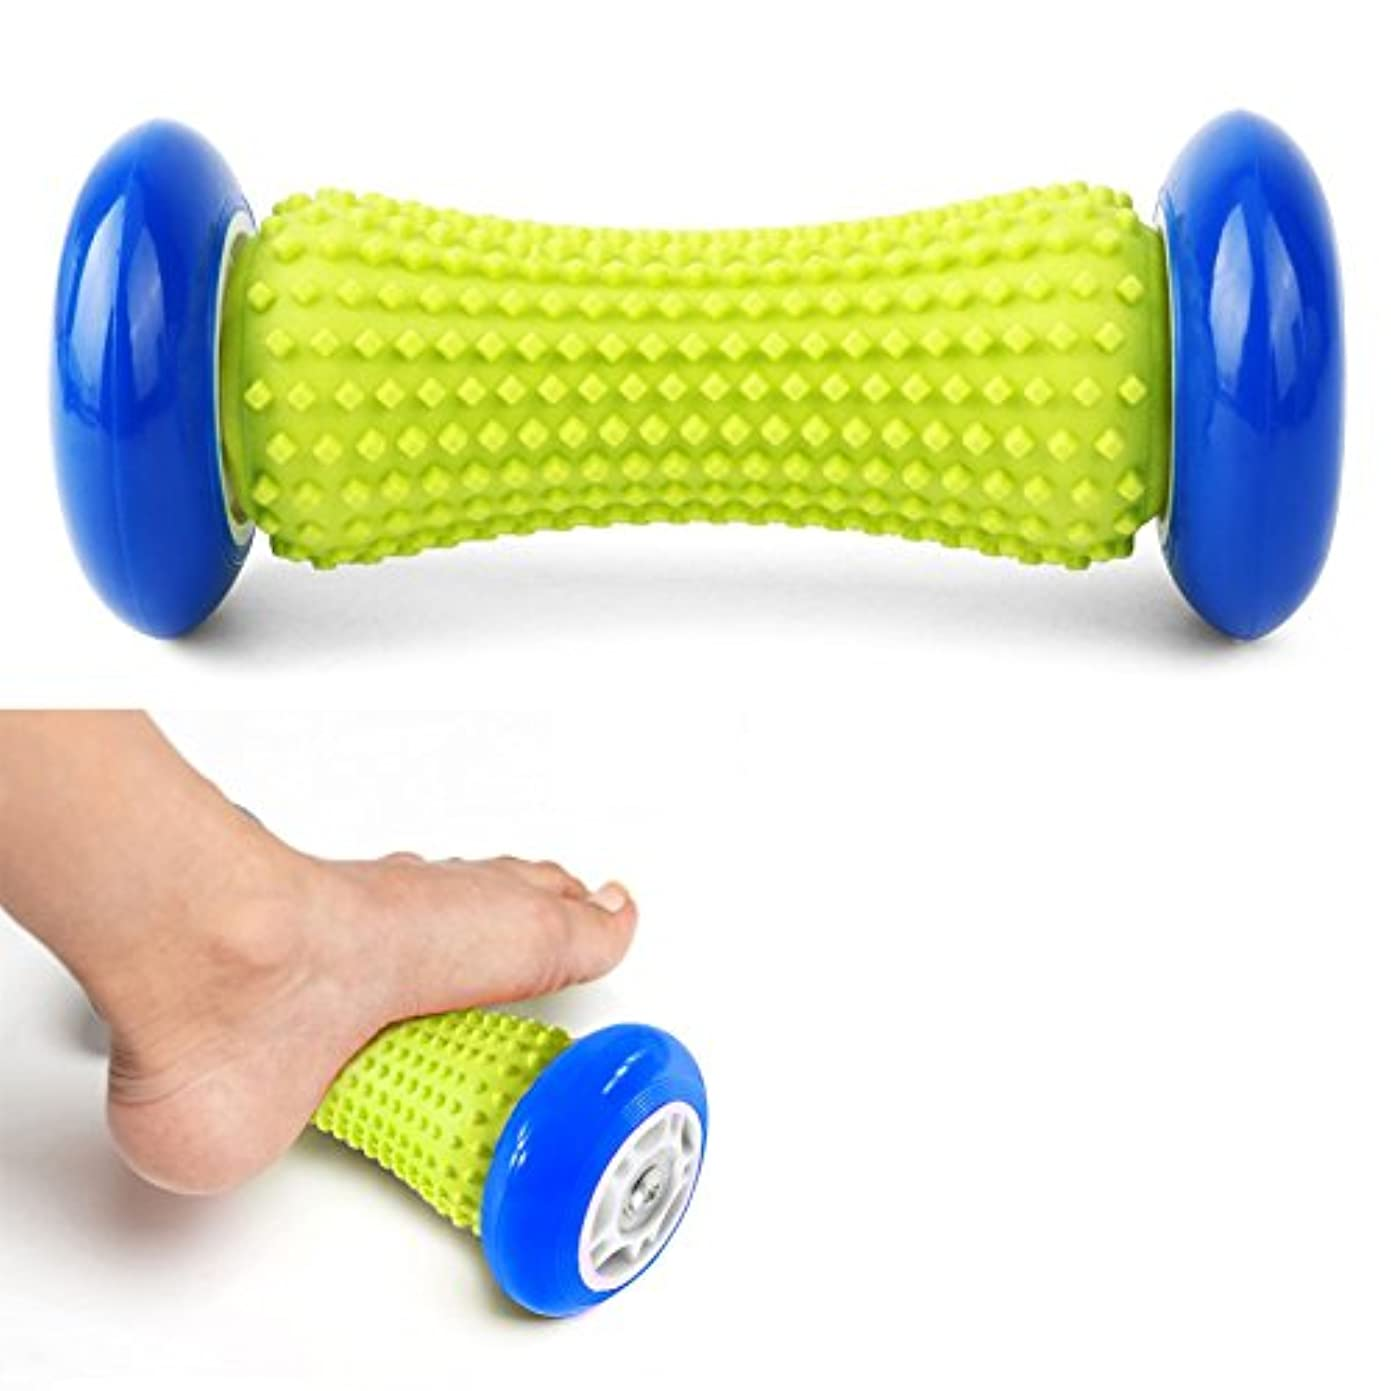 ヘビマニアック肘掛け椅子DOXUNGO 足と手のマッサージローラー - マッスルローラースティック - 手首と前腕足底筋膜炎、腕の痛み - かかと&足アーチ痛の救済のための運動ローラー (ブラック)